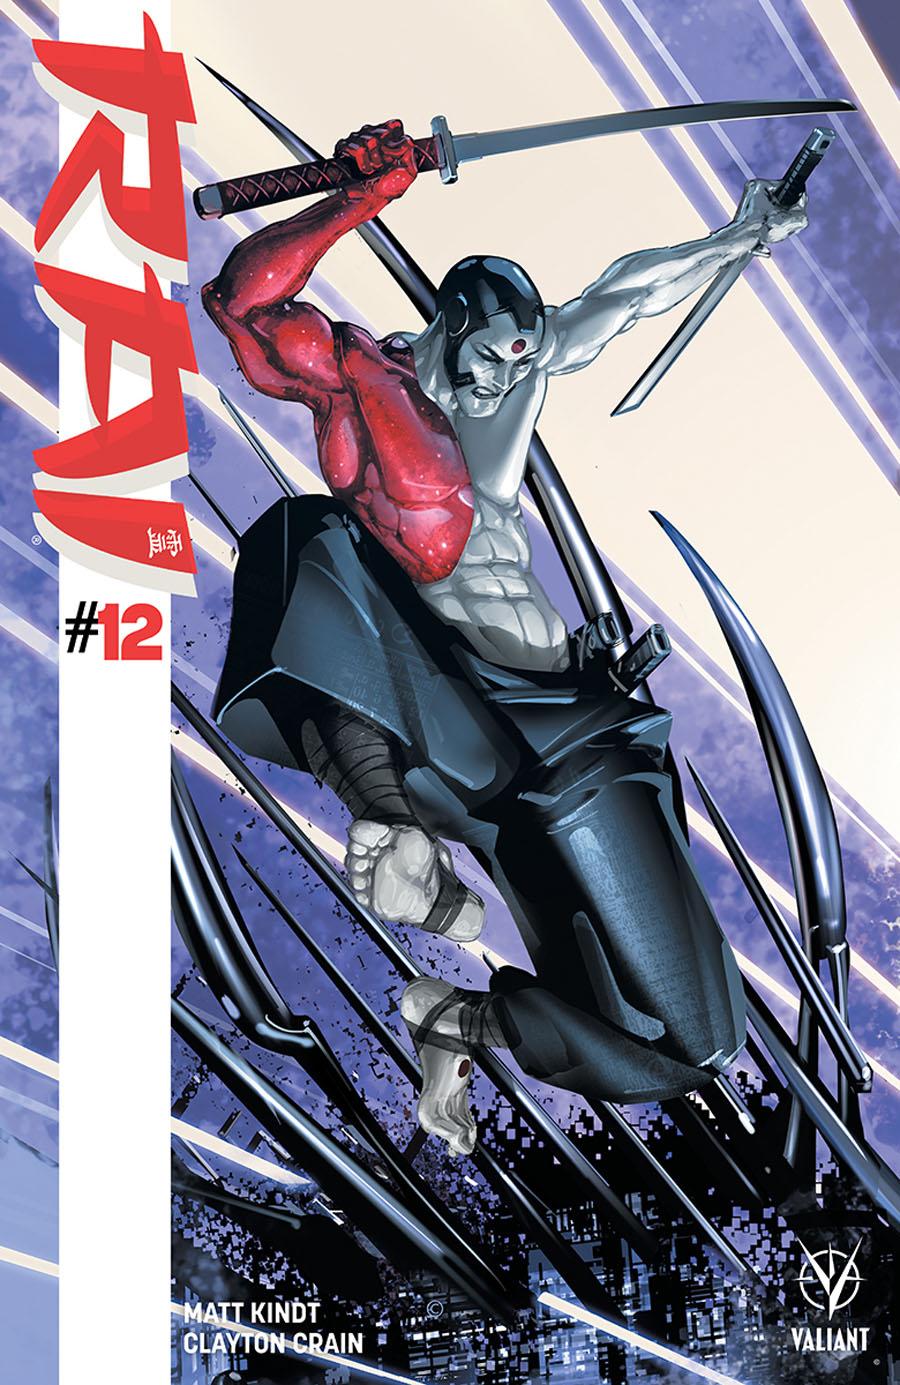 Rai Vol 2 #12 Cover A Clayton Crain Interlocking Cover